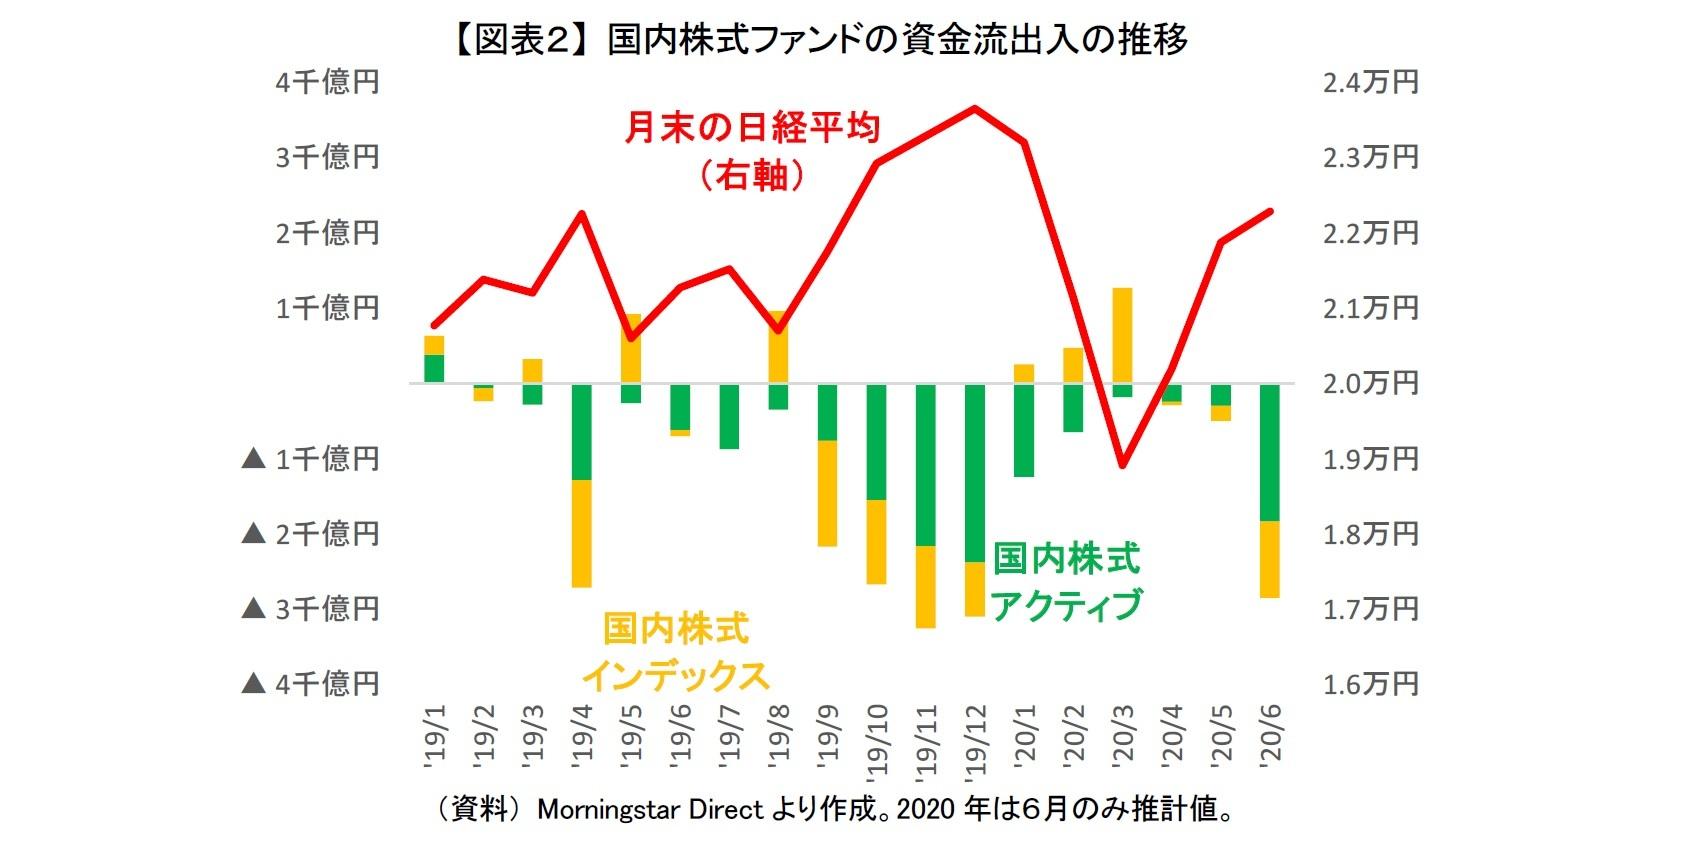 【図表2】 国内株式ファンドの資金流出入の推移